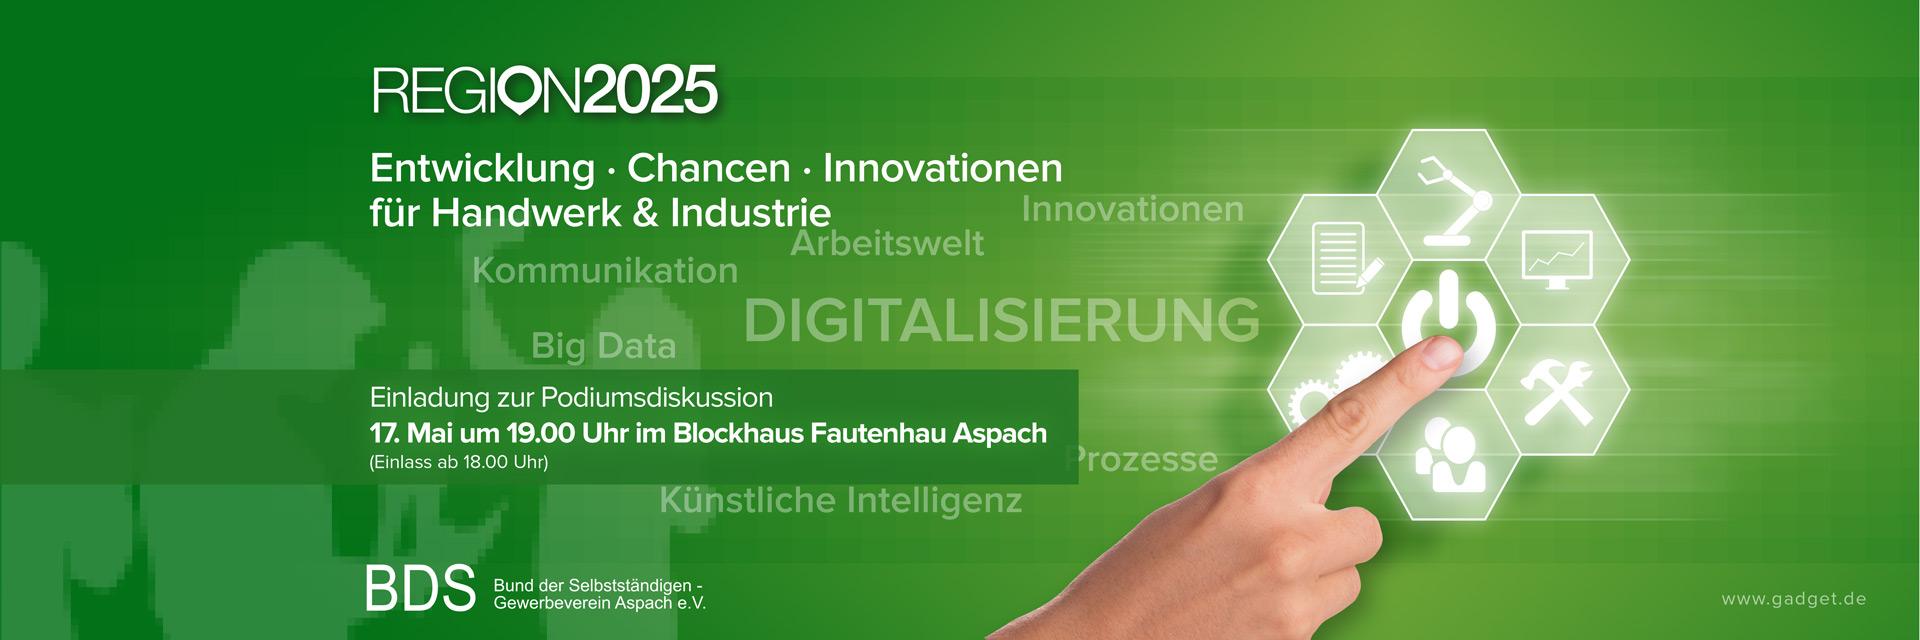 Region 2025 Entwicklung · Chancen · Innovationen für Handwerk & Industrie